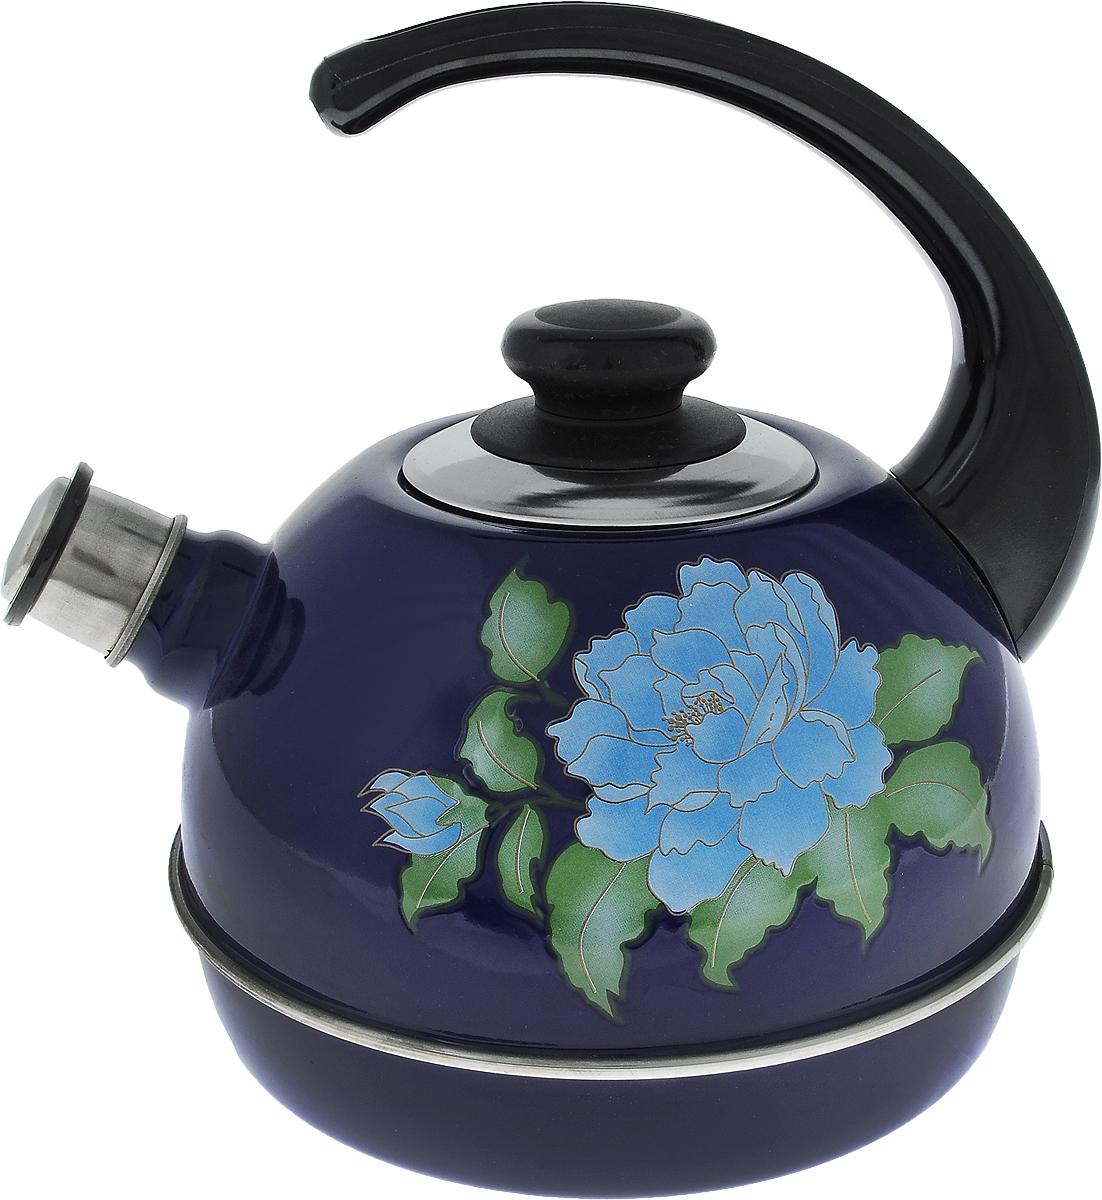 Чайник эмалированный Рубин, со свистком, цвет: синий, голубой, зеленый, 3,5 лT04/35/05/13Чайник Рубин выполнен из высококачественной стали, что обеспечивает долговечность использования. Внешнее цветное эмалевое покрытие придает приятный внешний вид. Пластиковая фиксированная ручка делает использование чайника очень удобным и безопасным. Чайник снабжен съемным свистком. Можно мыть в посудомоечной машине. Пригоден для всех видов плит, включая индукционные. Диаметр чайника (по верхнему краю): 9 см. Высота чайника (без учета крышки и ручки): 14 см. Диаметр основания: 18 см.